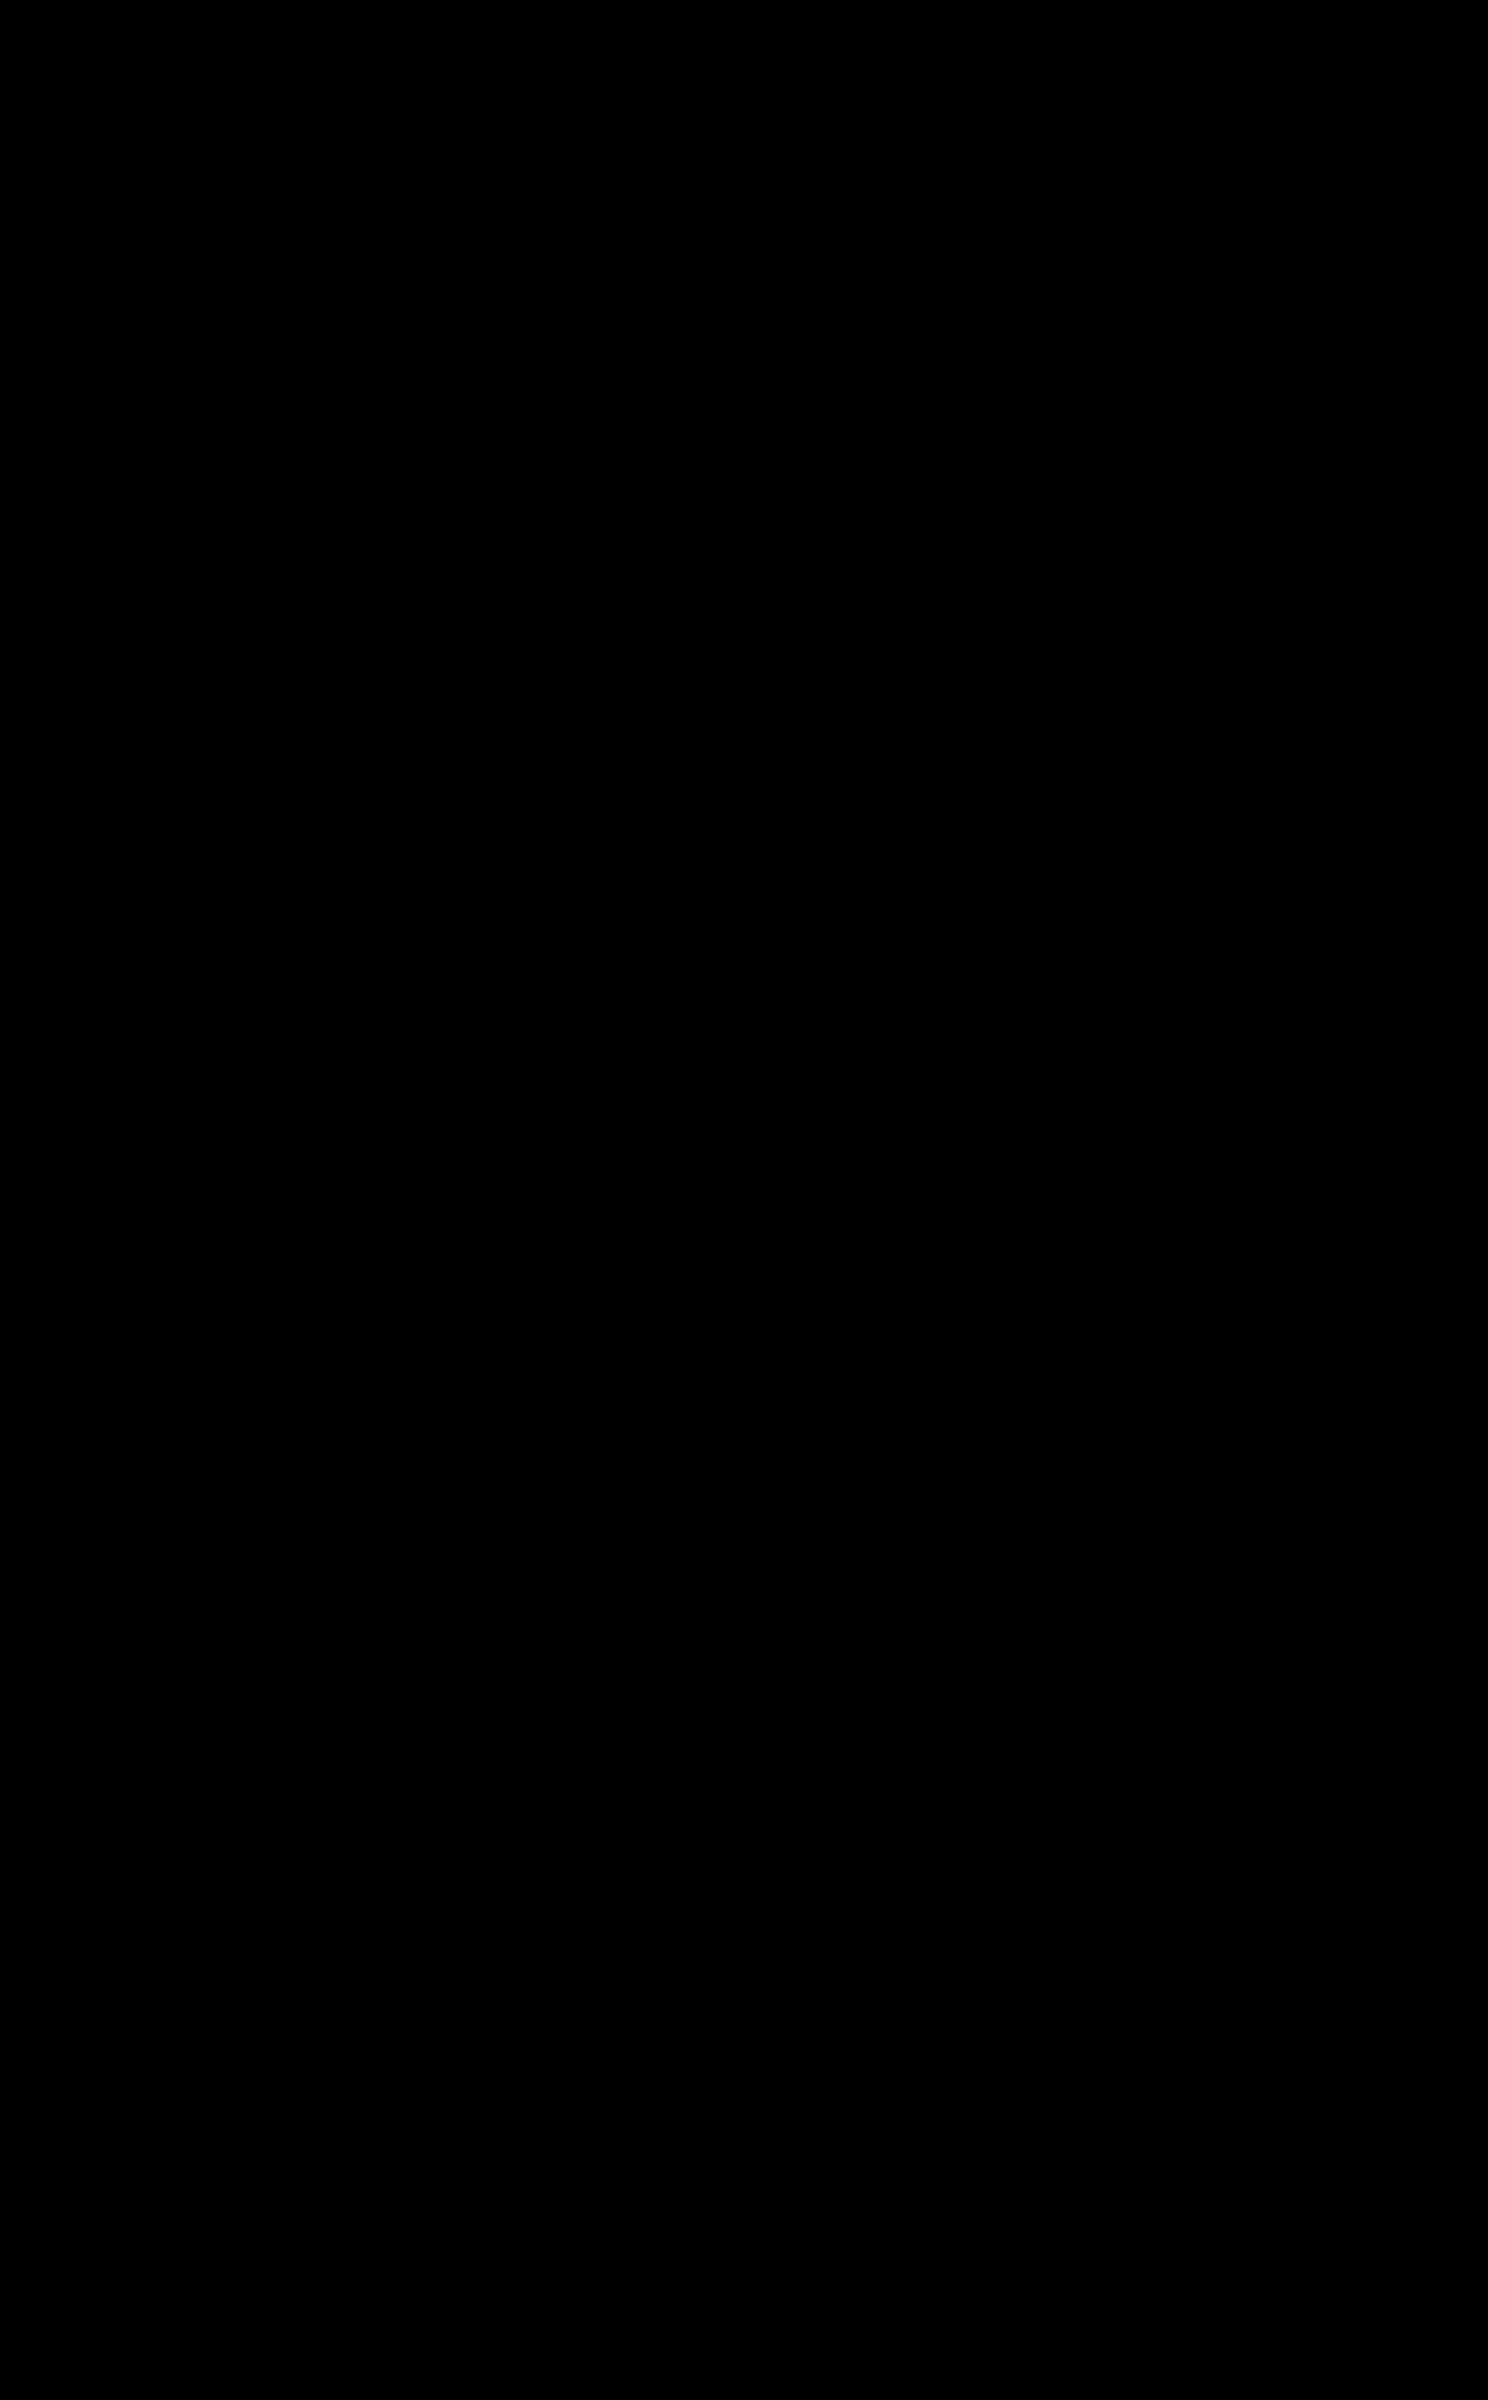 Clip art silhouette portable. Falcon clipart in flight